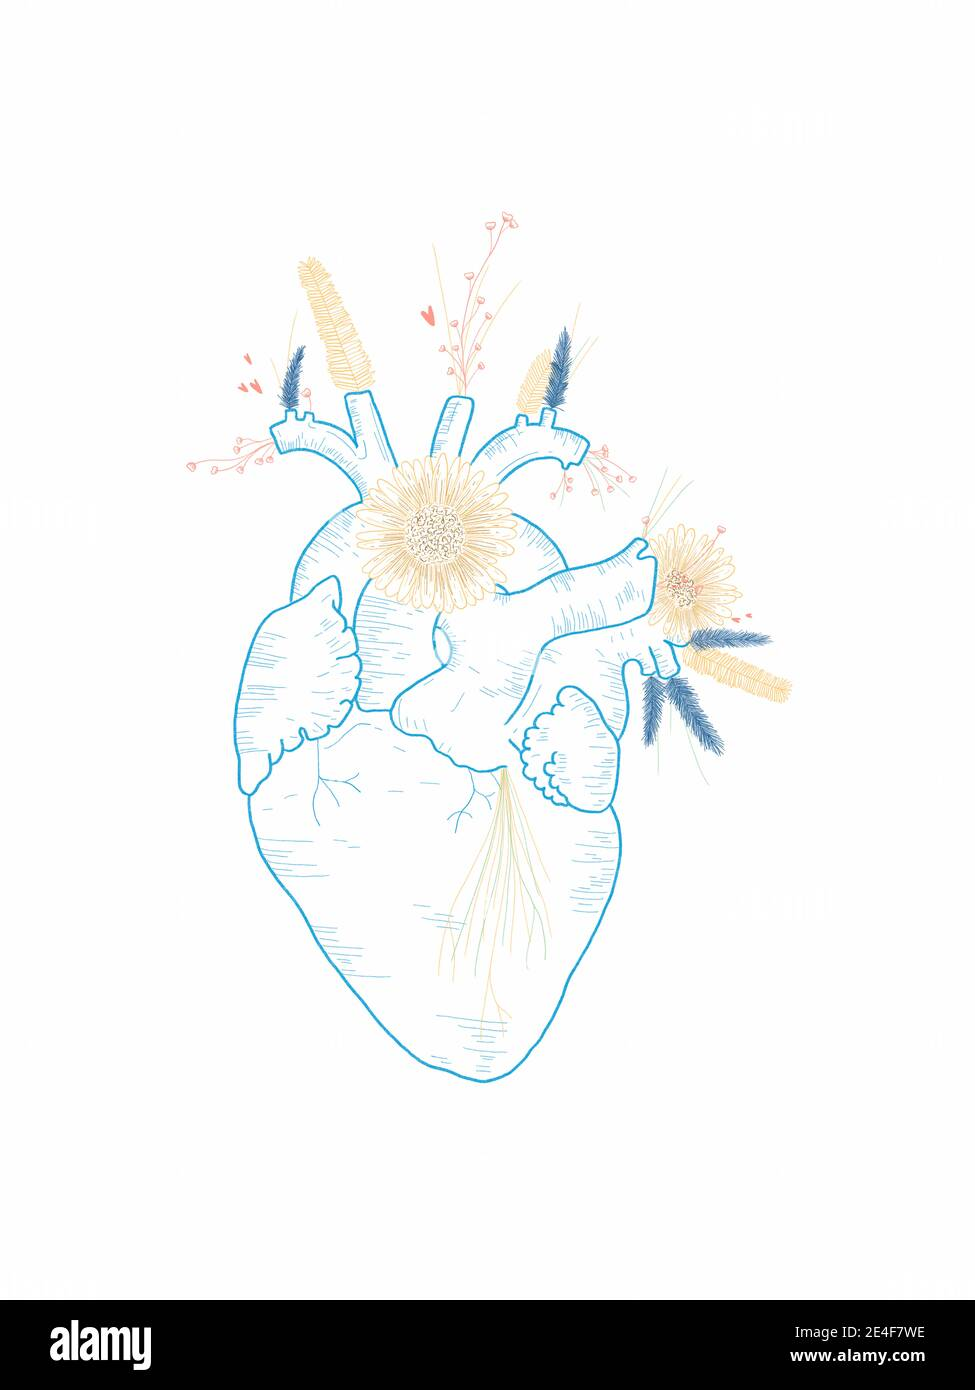 Dibujo a mano de un corazón con flores Foto de stock